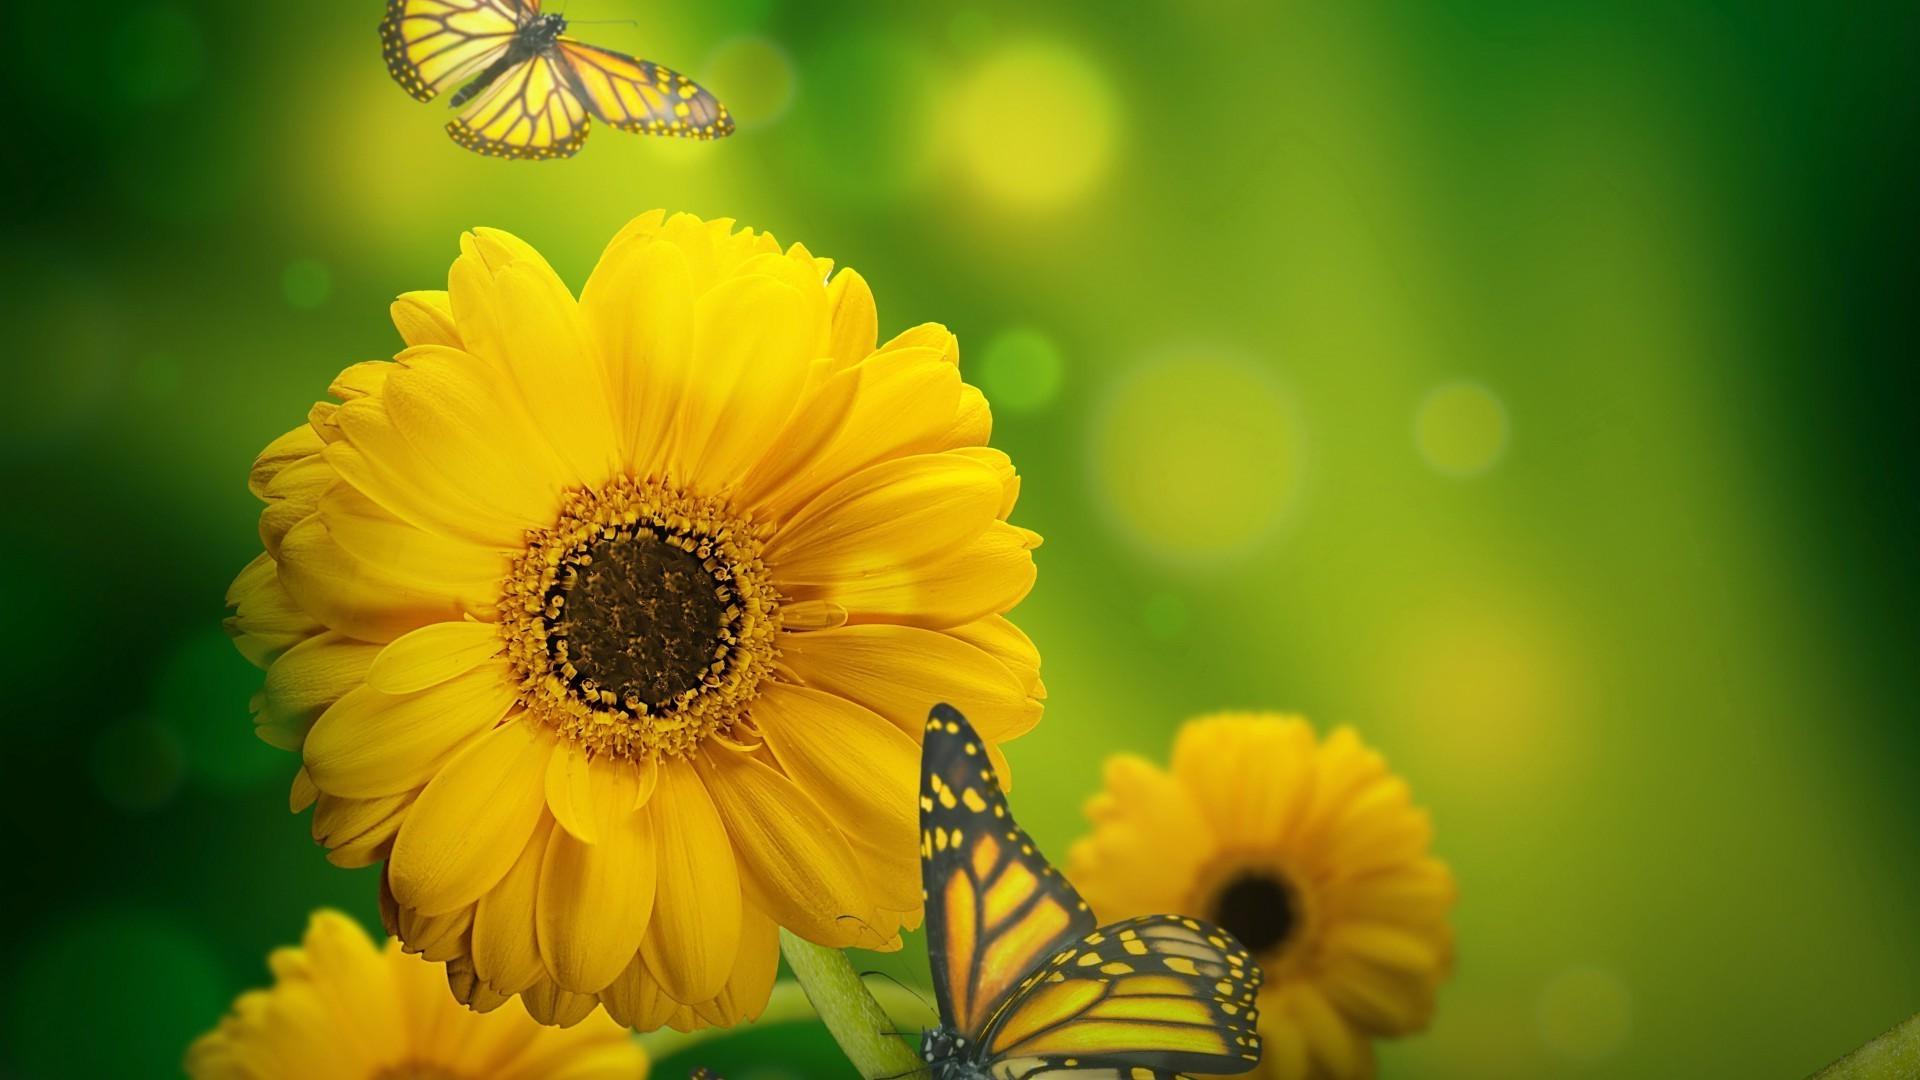 природа макро бабочка цветы желтые  № 1238506 без смс